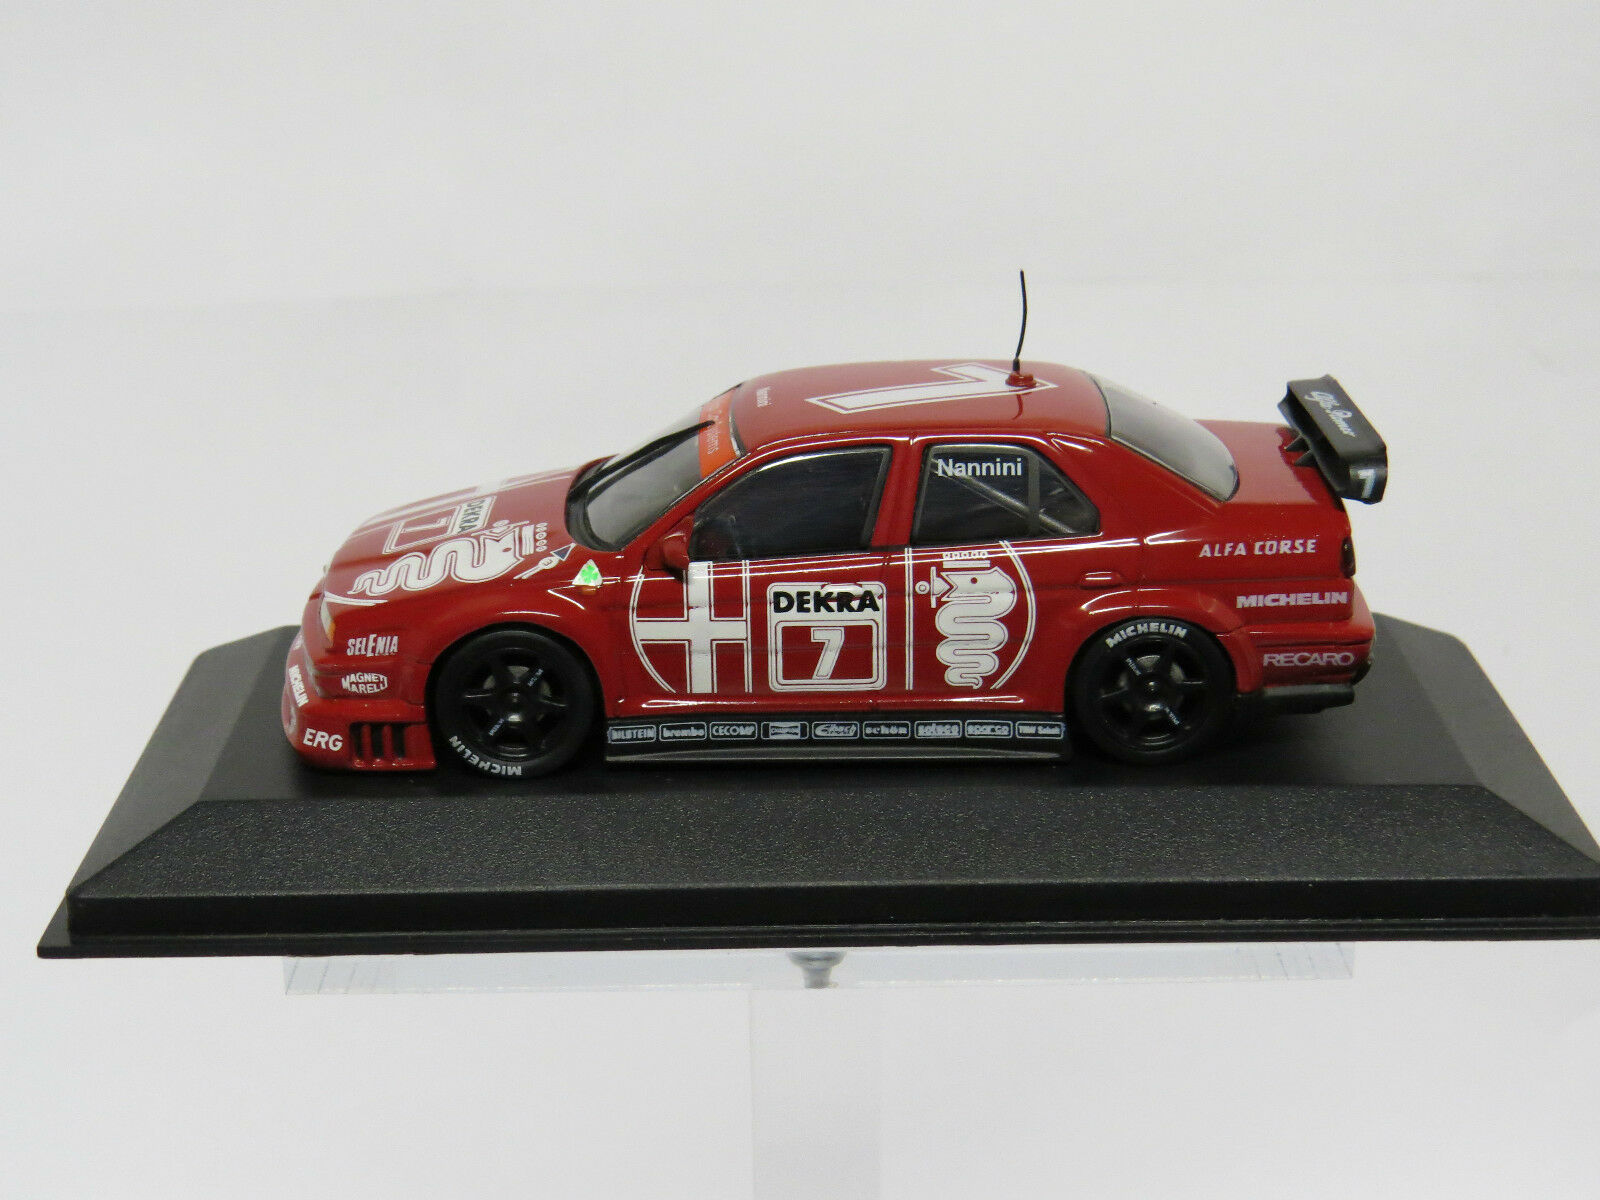 Alfa Romeo 155 V6 TI DTM 1993 Nannini 1 43 Minichamps Nr. 930120